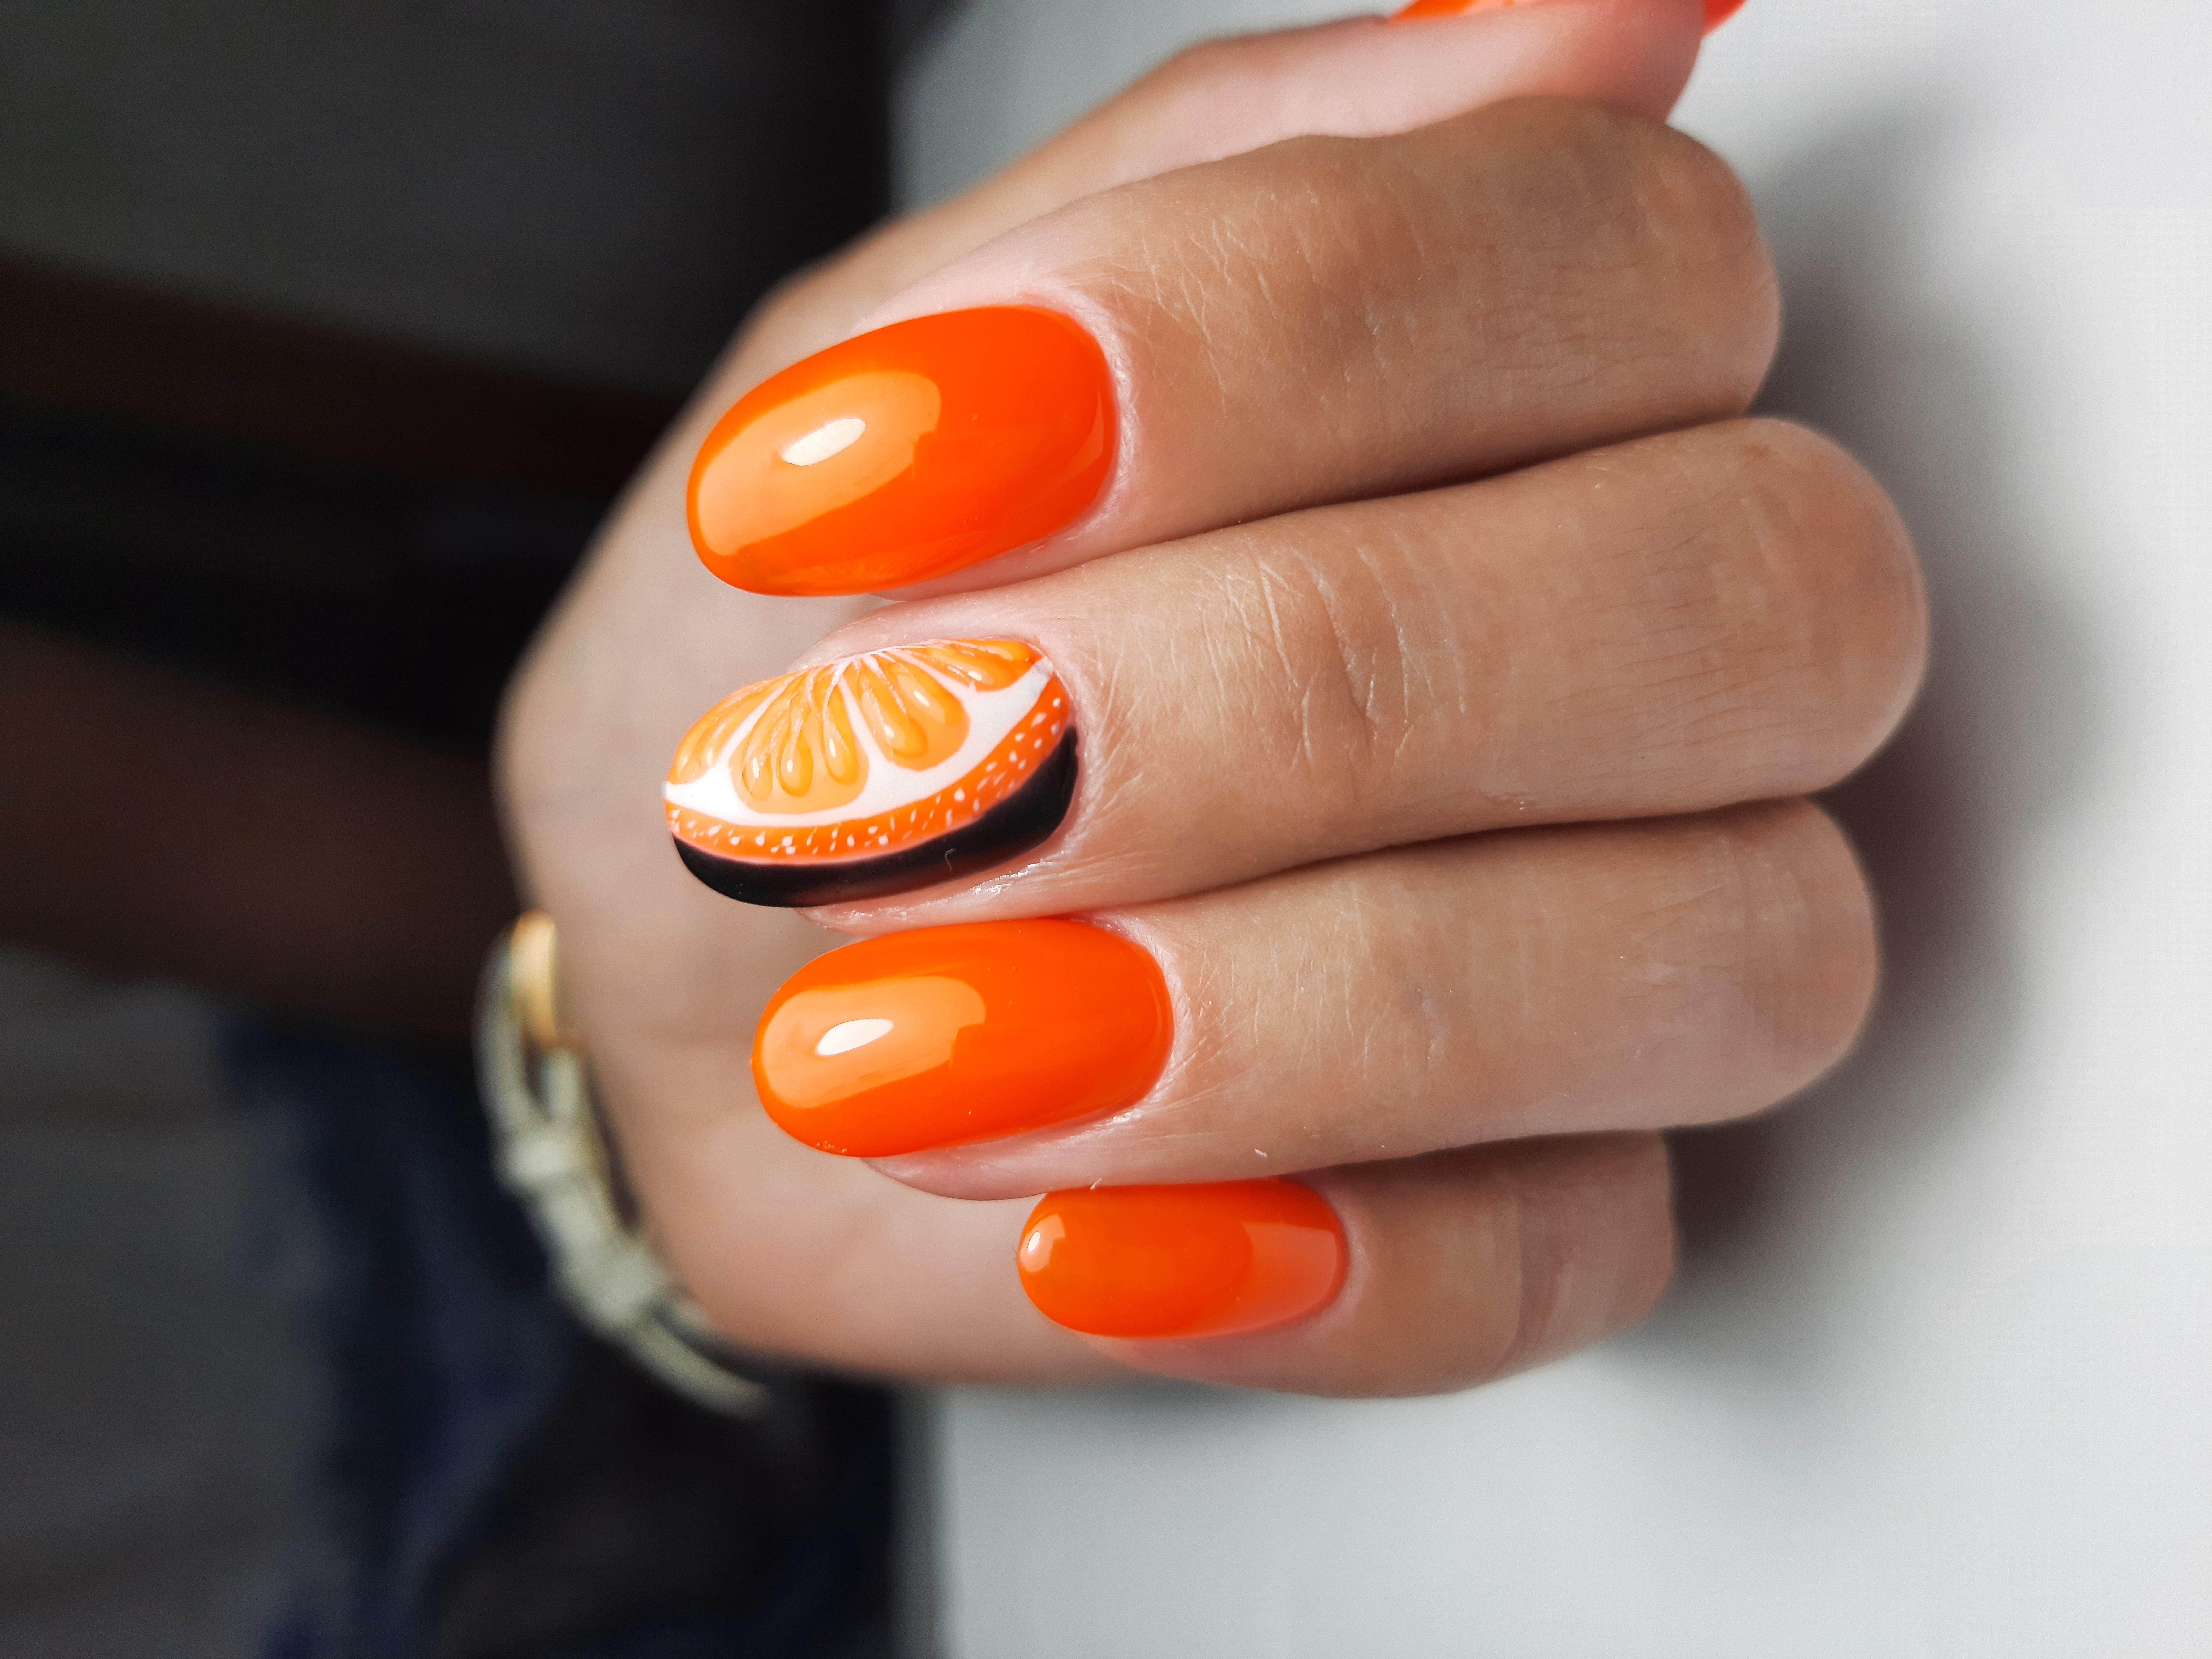 Маникюр с апельсиновым дизайном